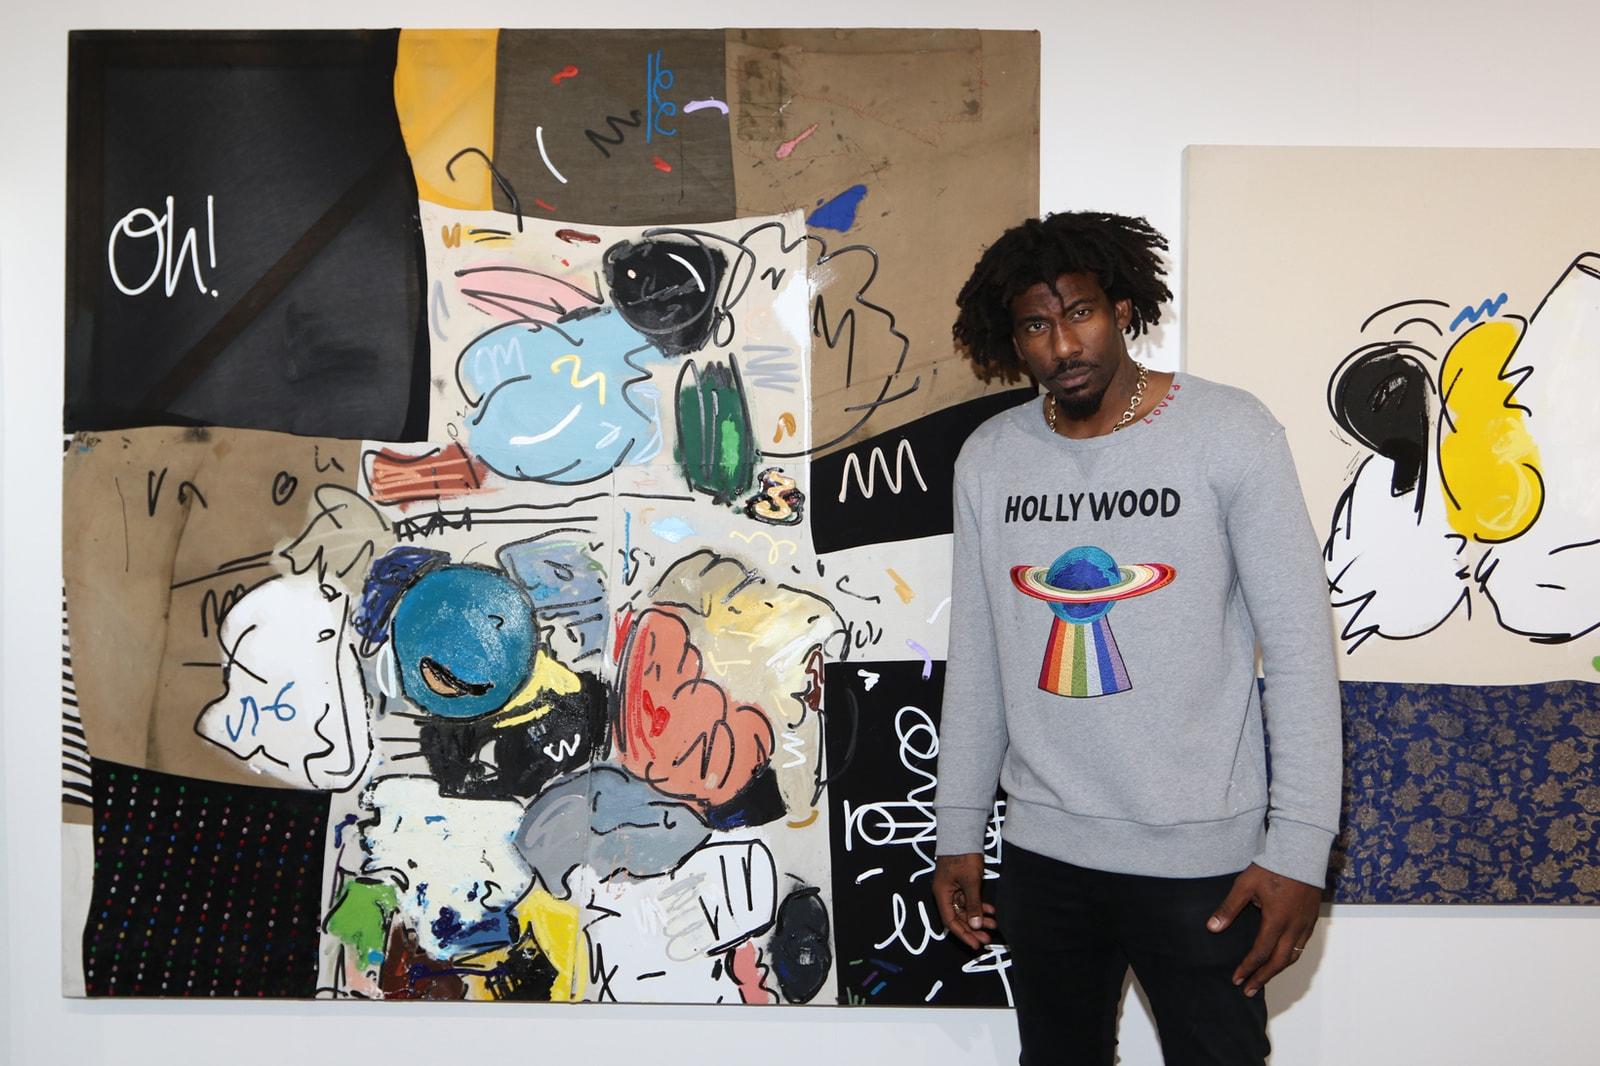 Art Artwork Exhibit Retrospective Jeff Koons Rick Owens Amare Stoudemire David Rockefeller Hidari Zingaro